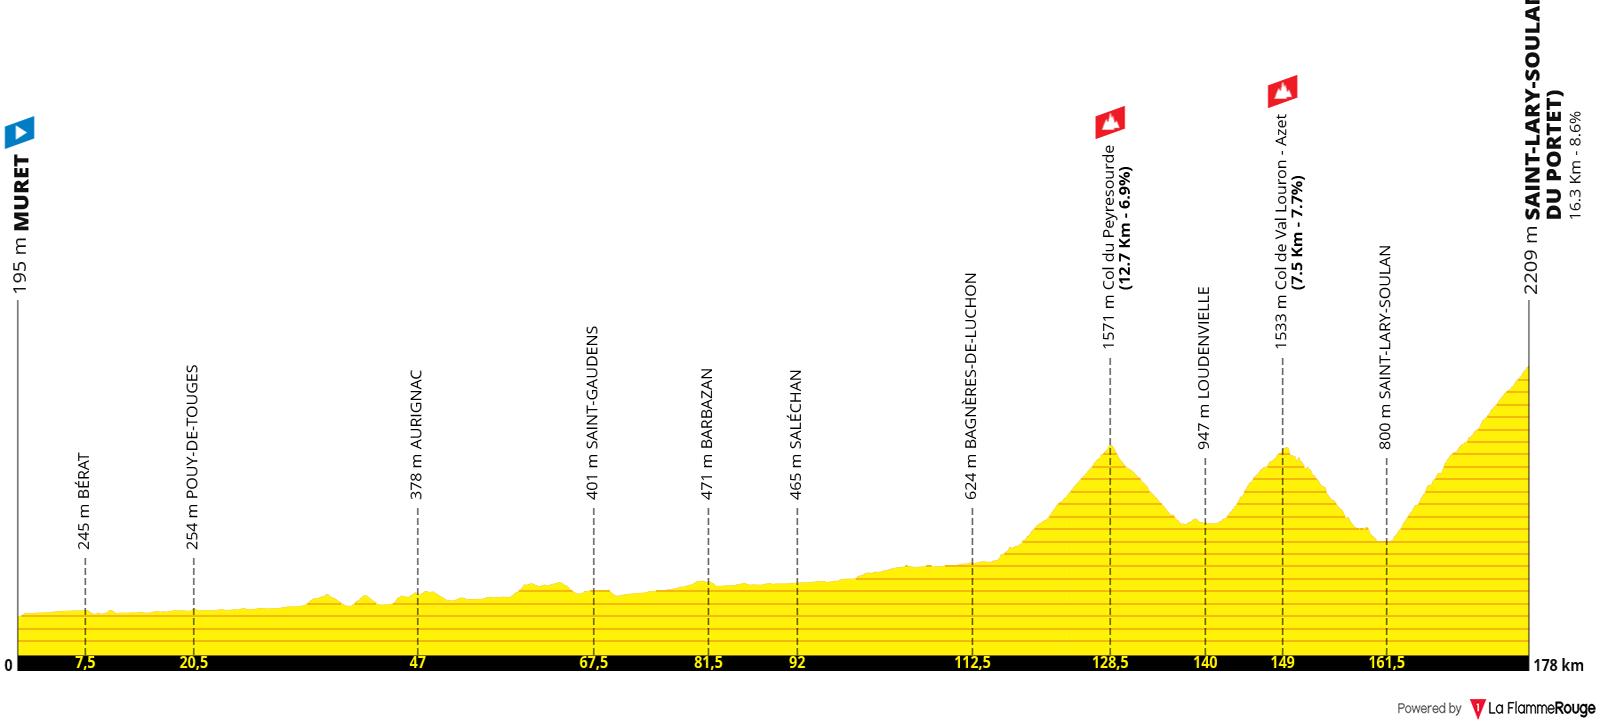 Etapa 17 - Tour de Francia 2021